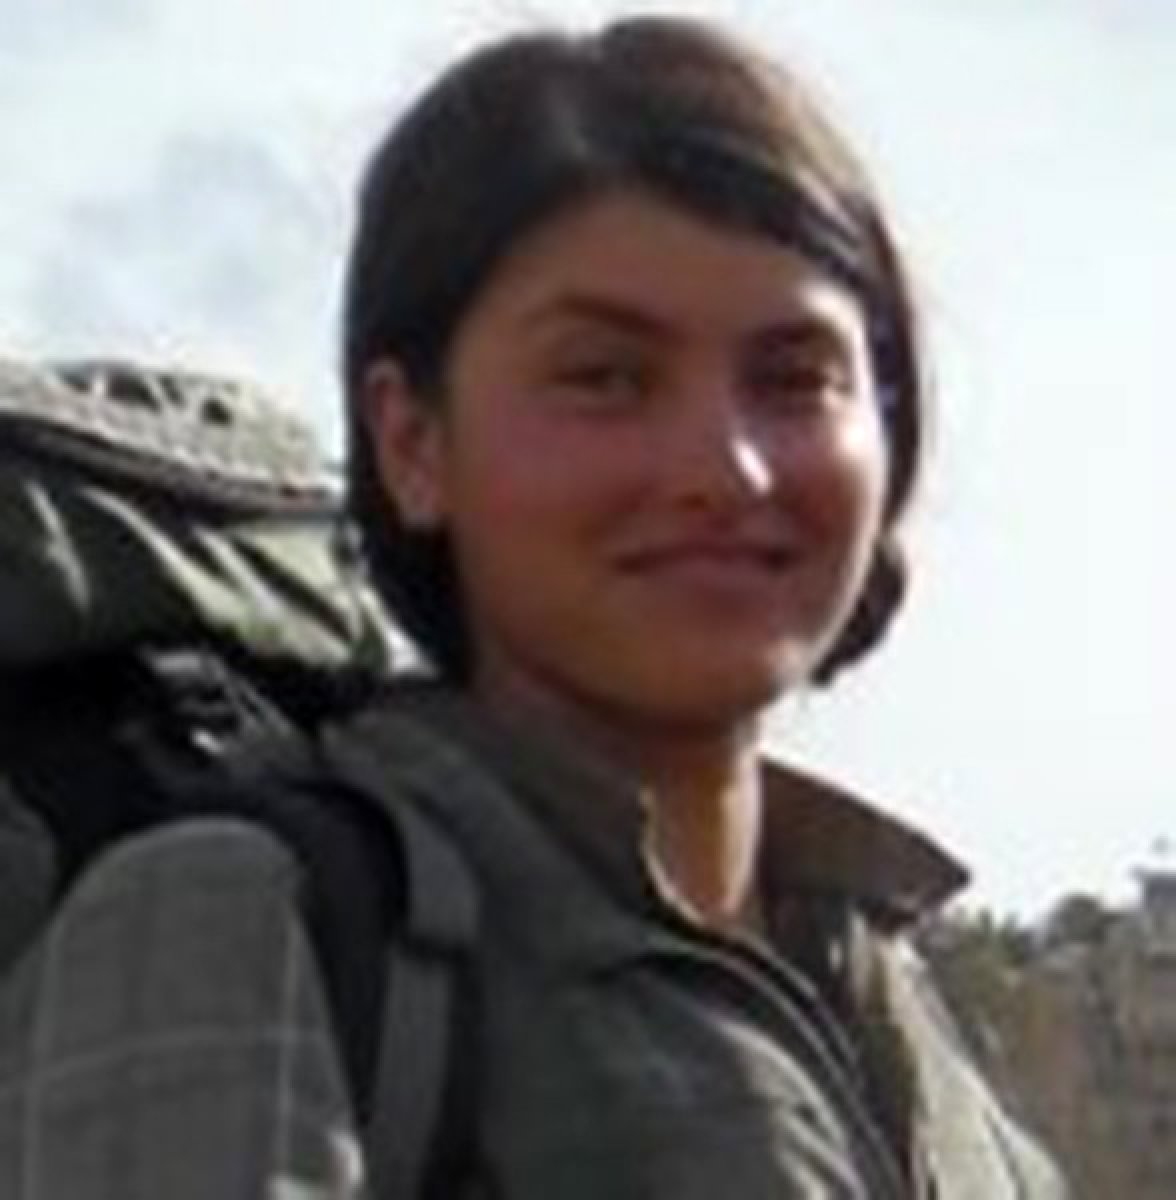 Gri kategoride aranan  Rojin Amed  kod adlı terörist öldürüldü #1